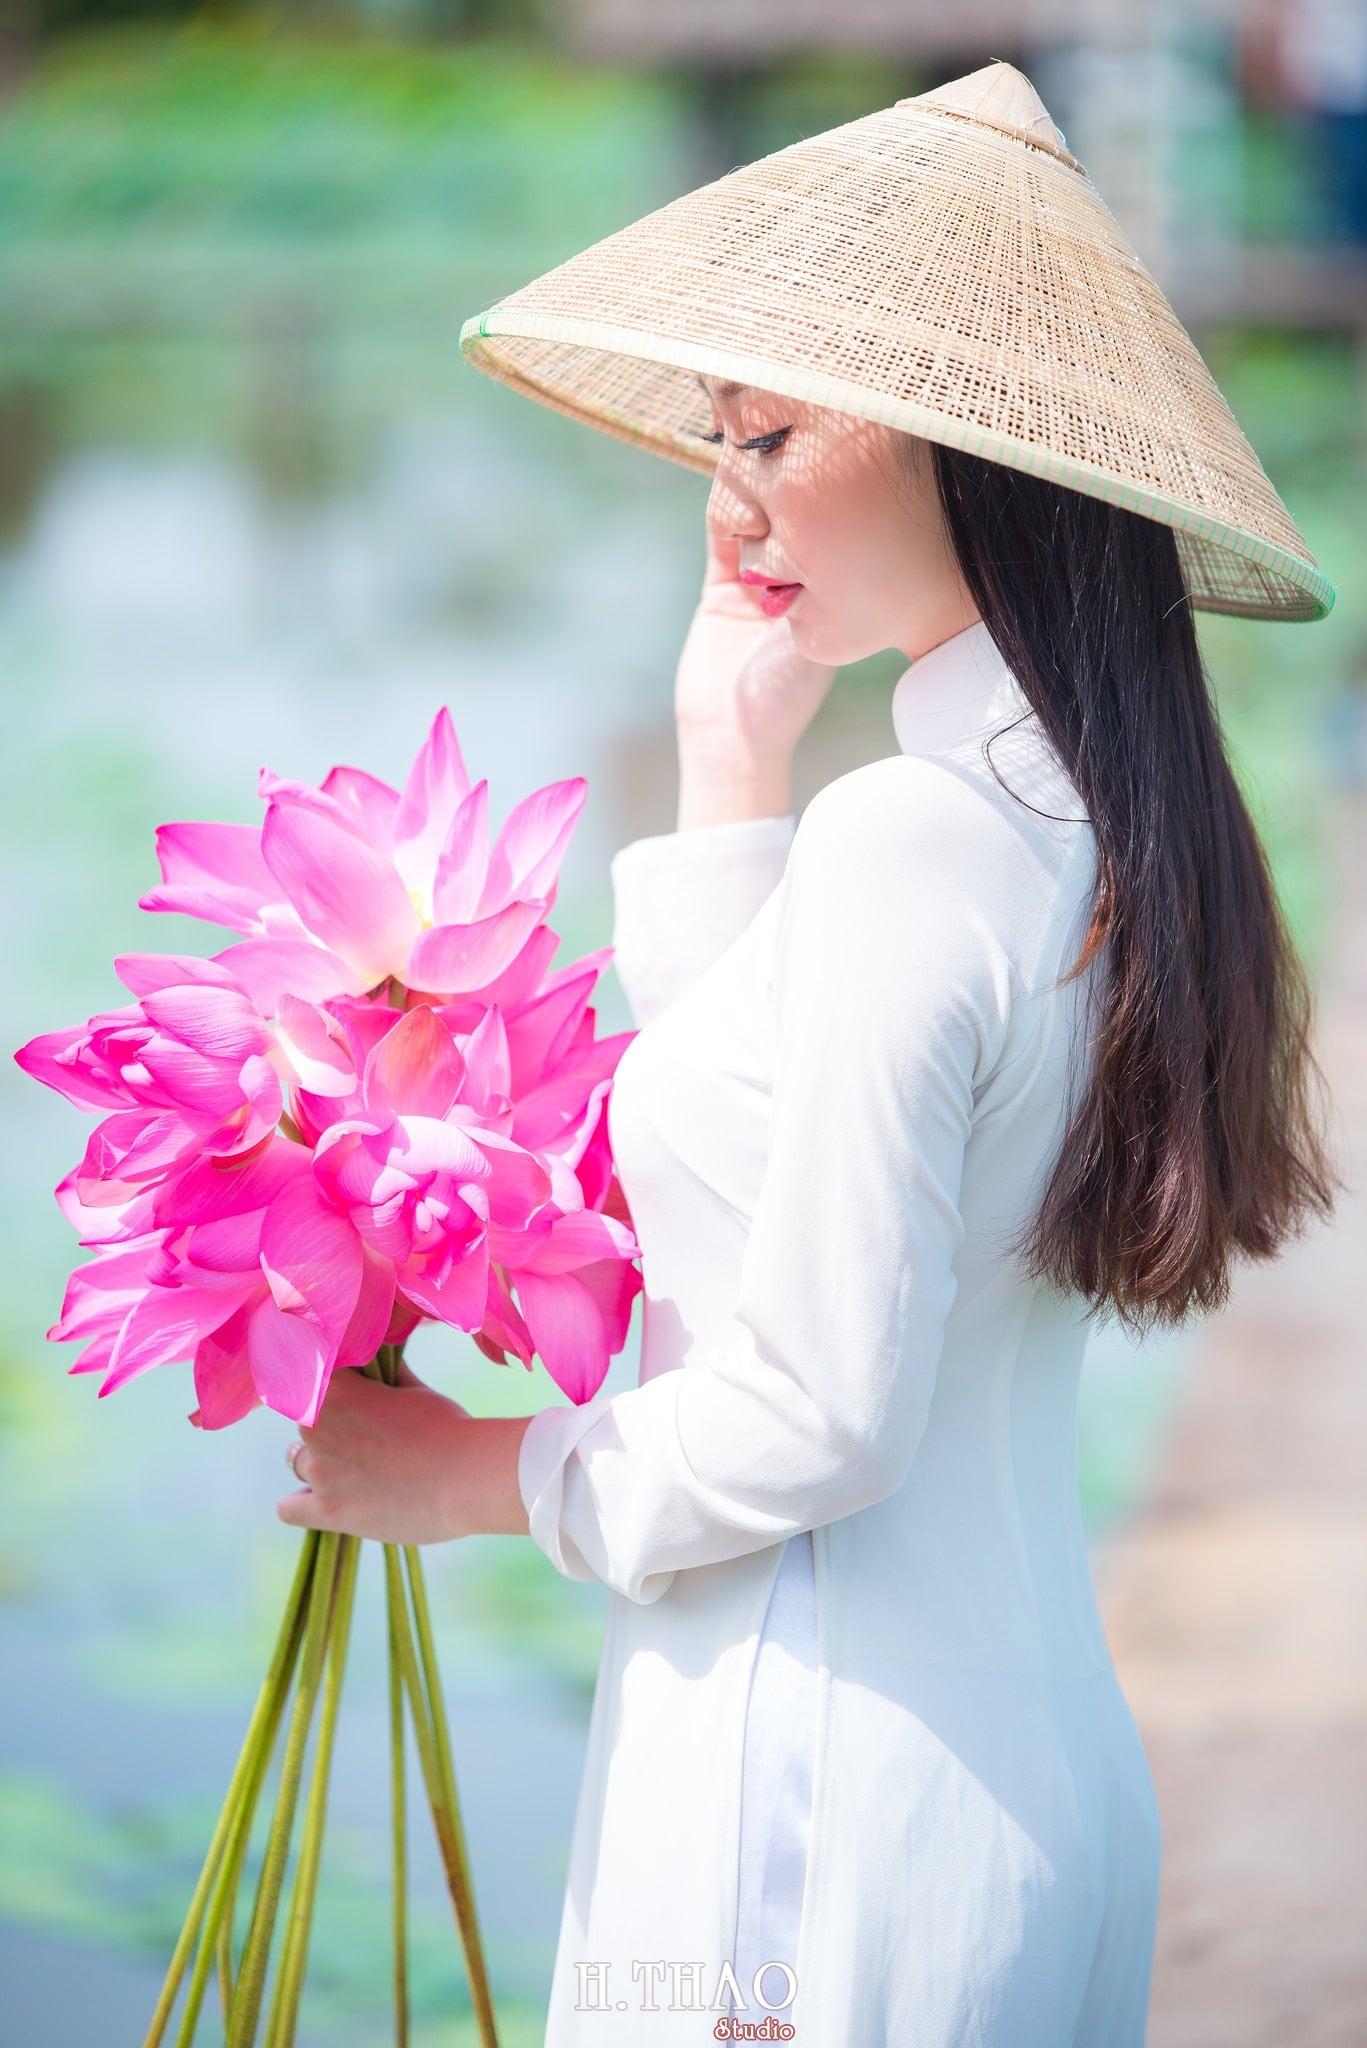 Chup hinh hoa sen 11 - Góc ảnh thiếu nữ bên hoa sen tam đa quận 9 tuyệt đẹp - HThao Studio